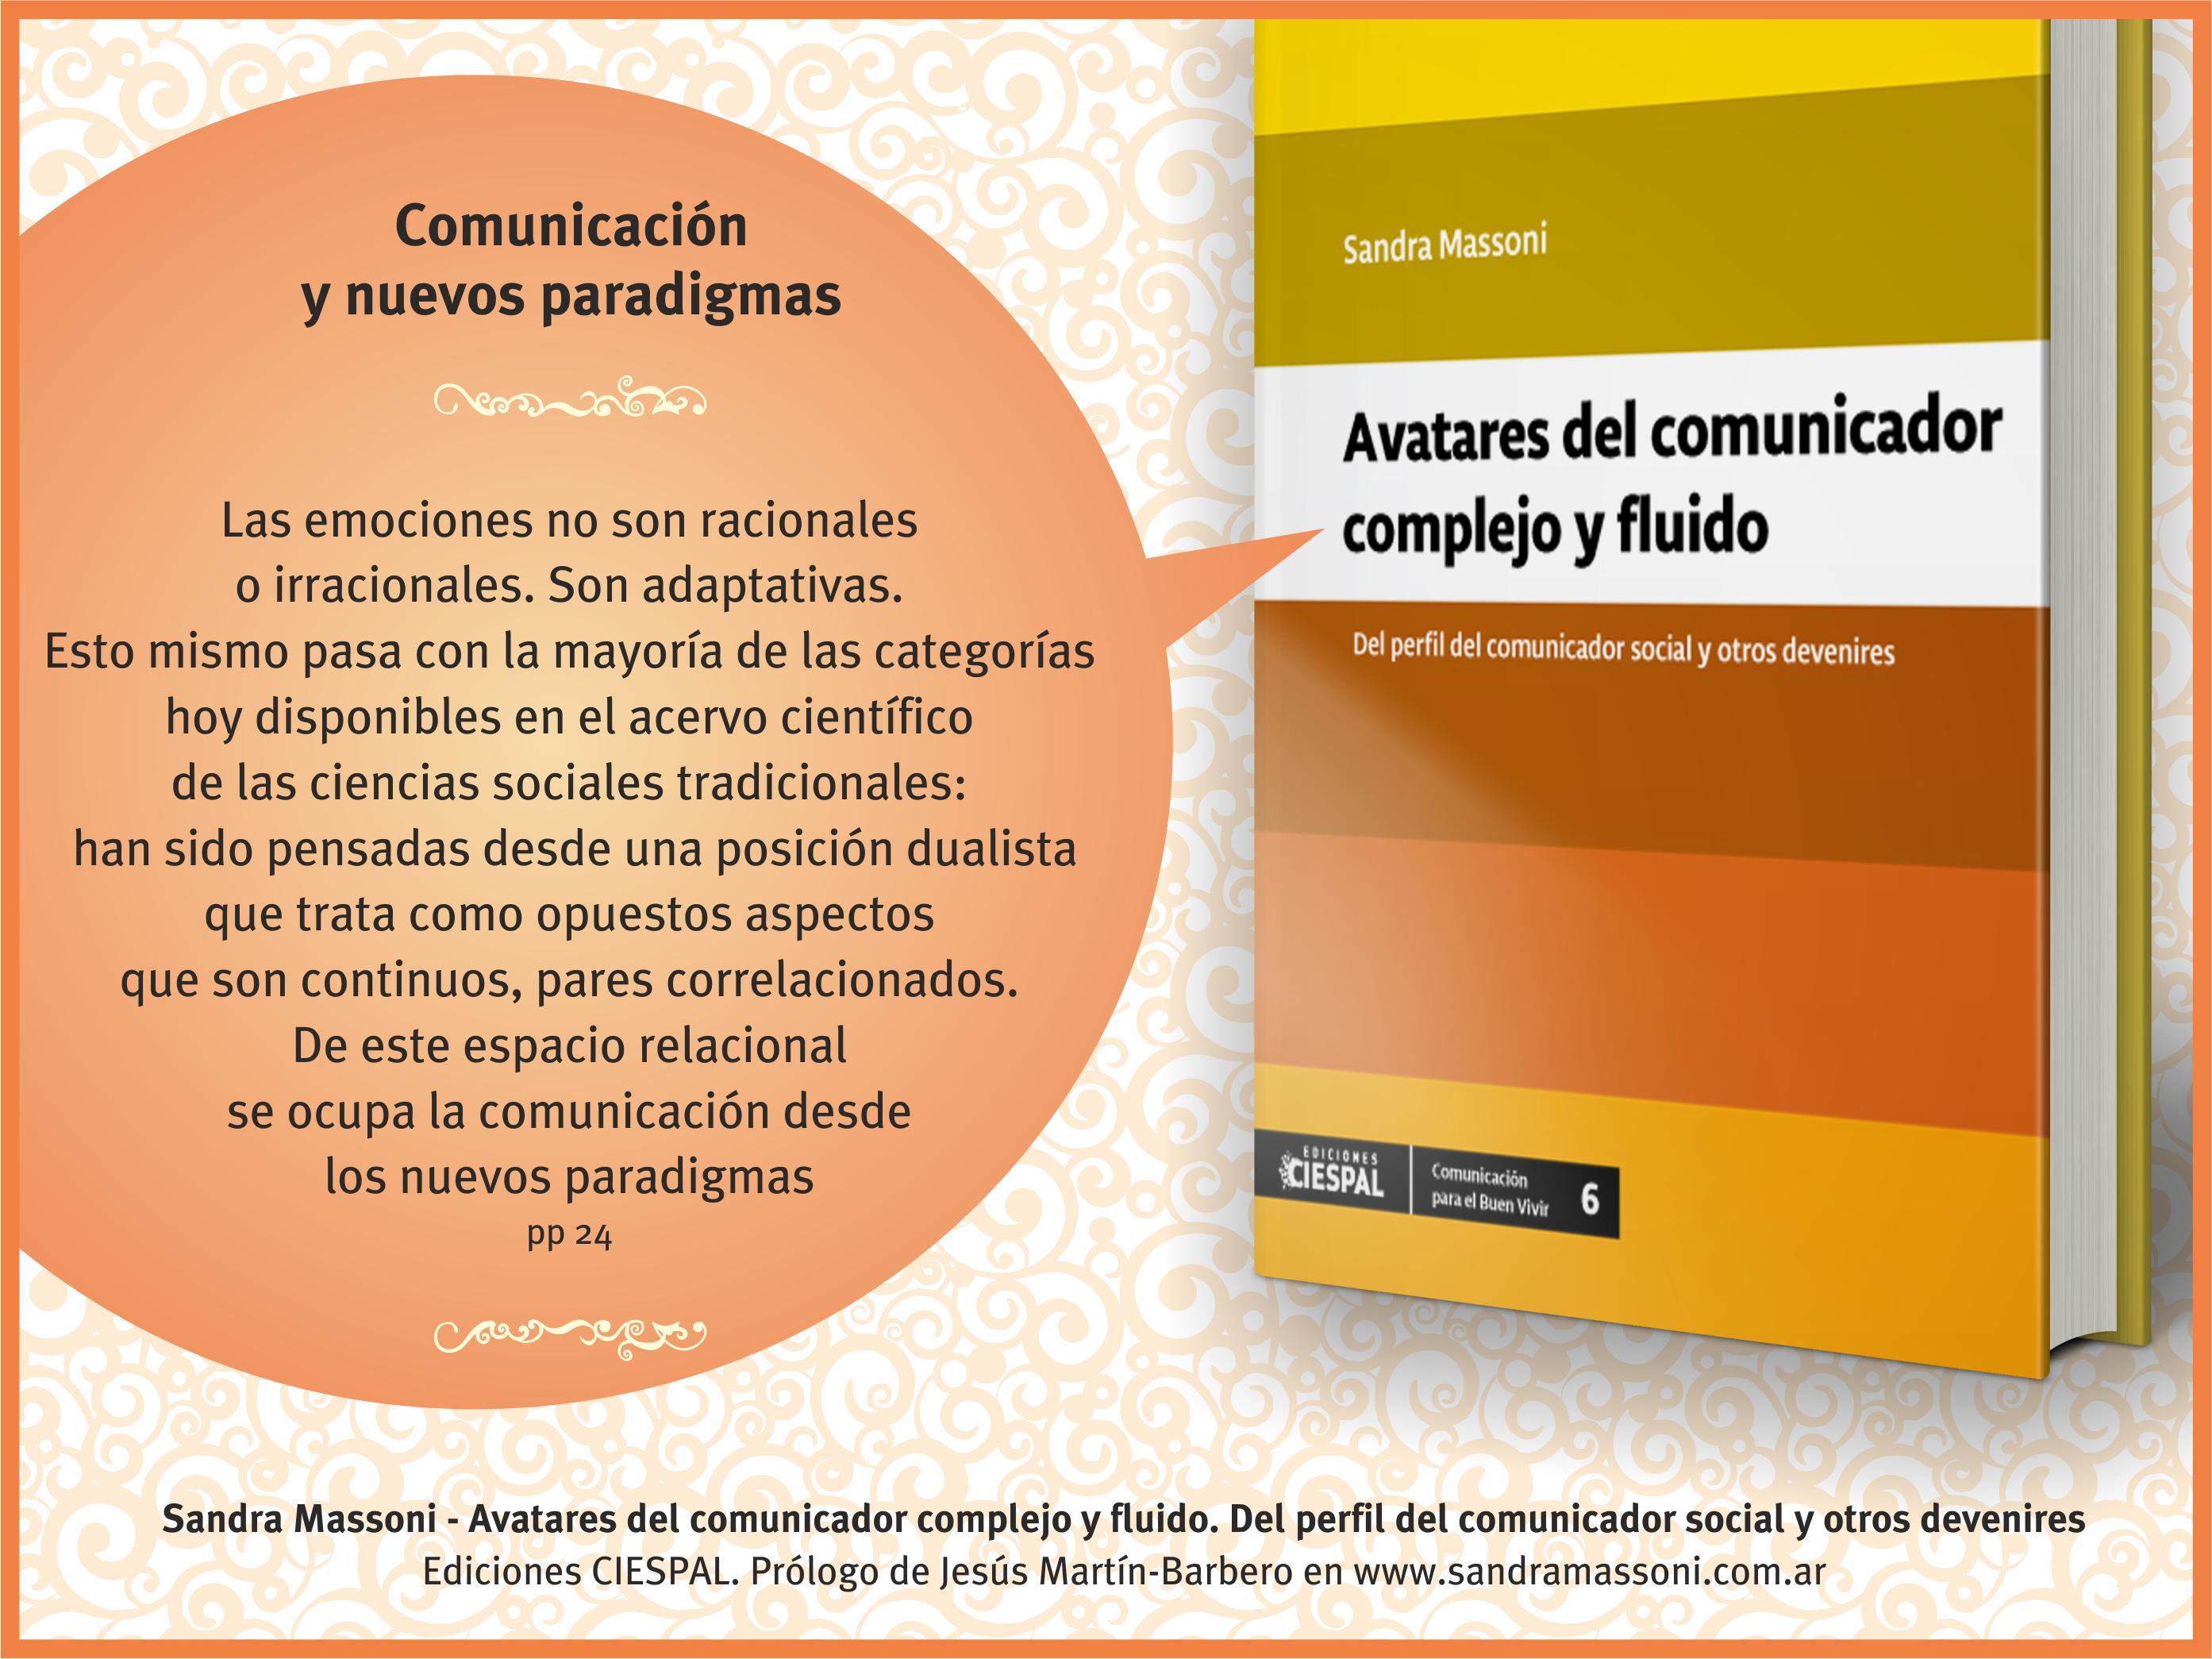 Comunicación y nuevos paradigmas